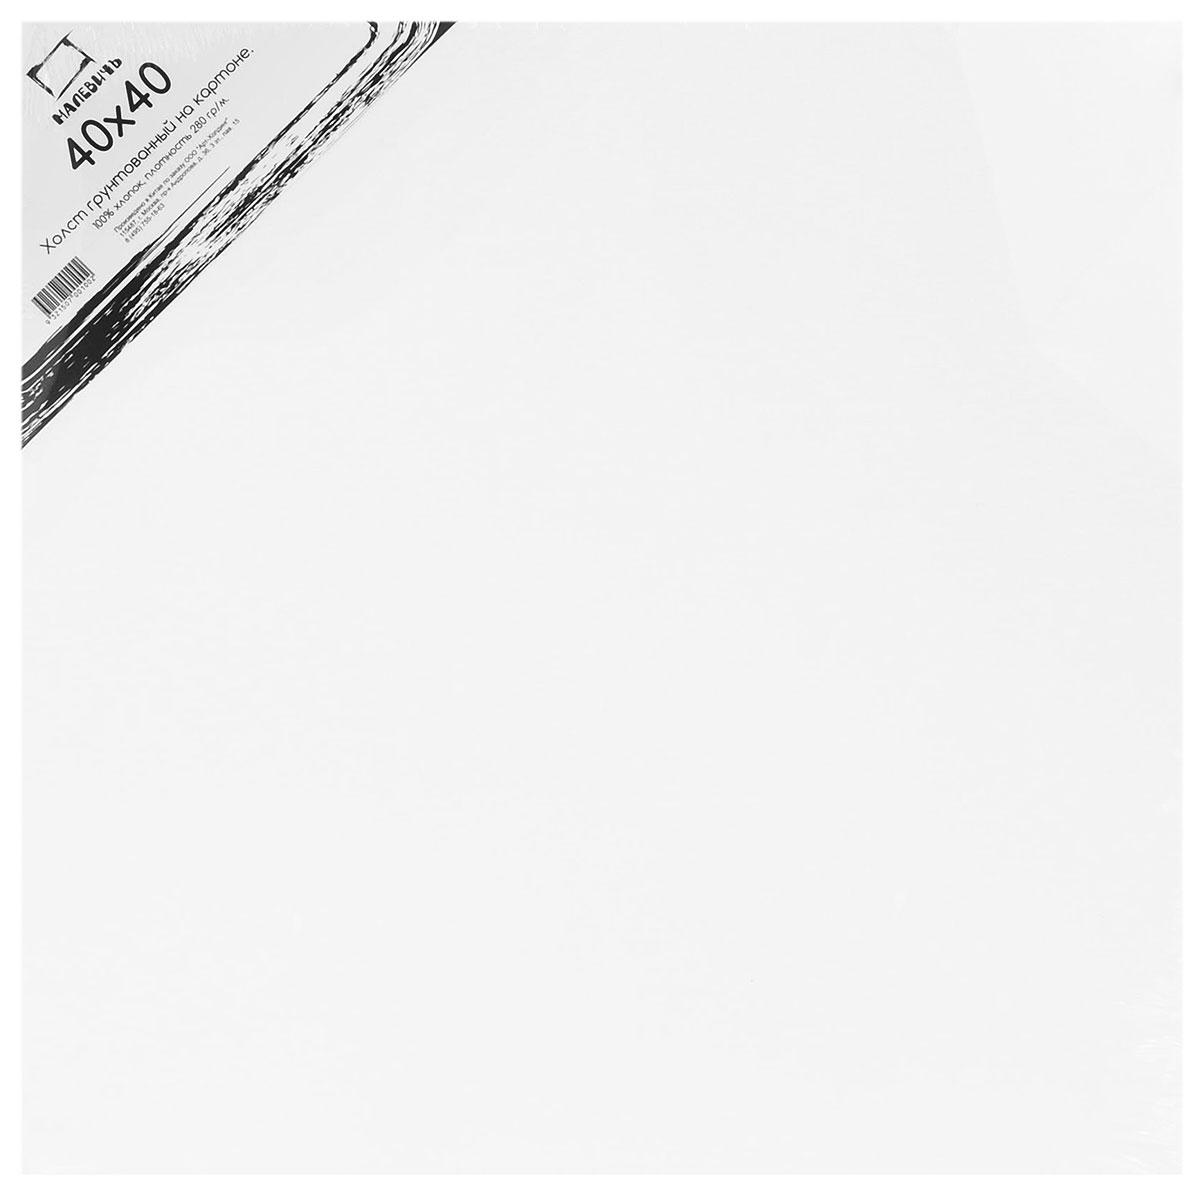 Малевичъ Холст на картоне 40 см x 40 см